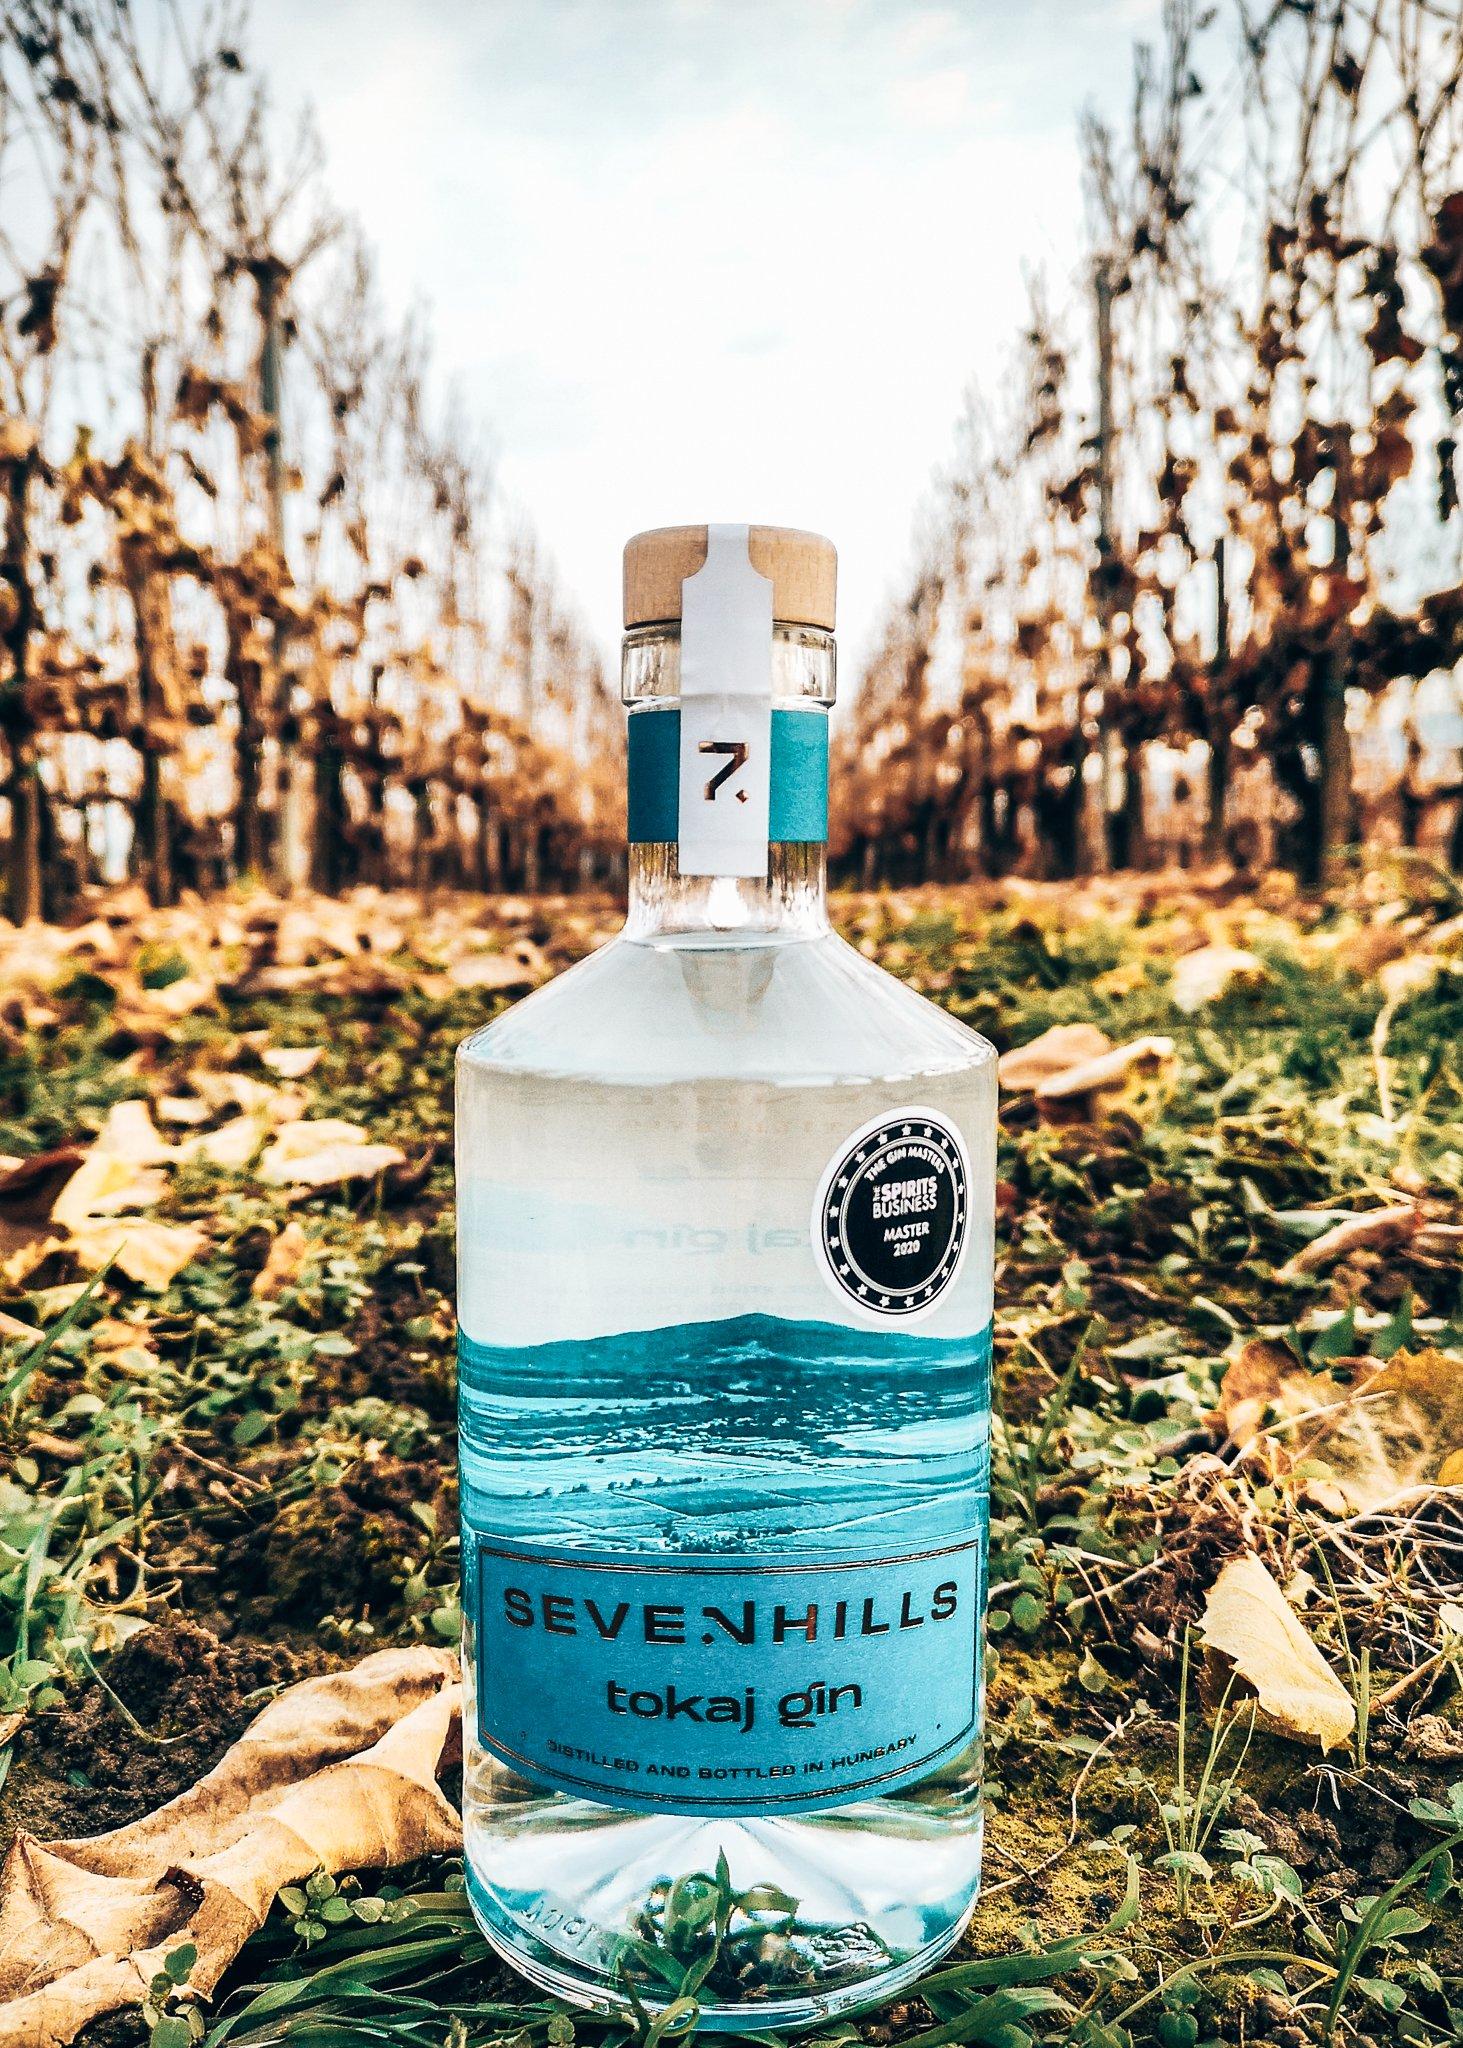 Het verhaal achter de fles van Tokaj GIN, Seven Hills Distillery, Alles over gin.